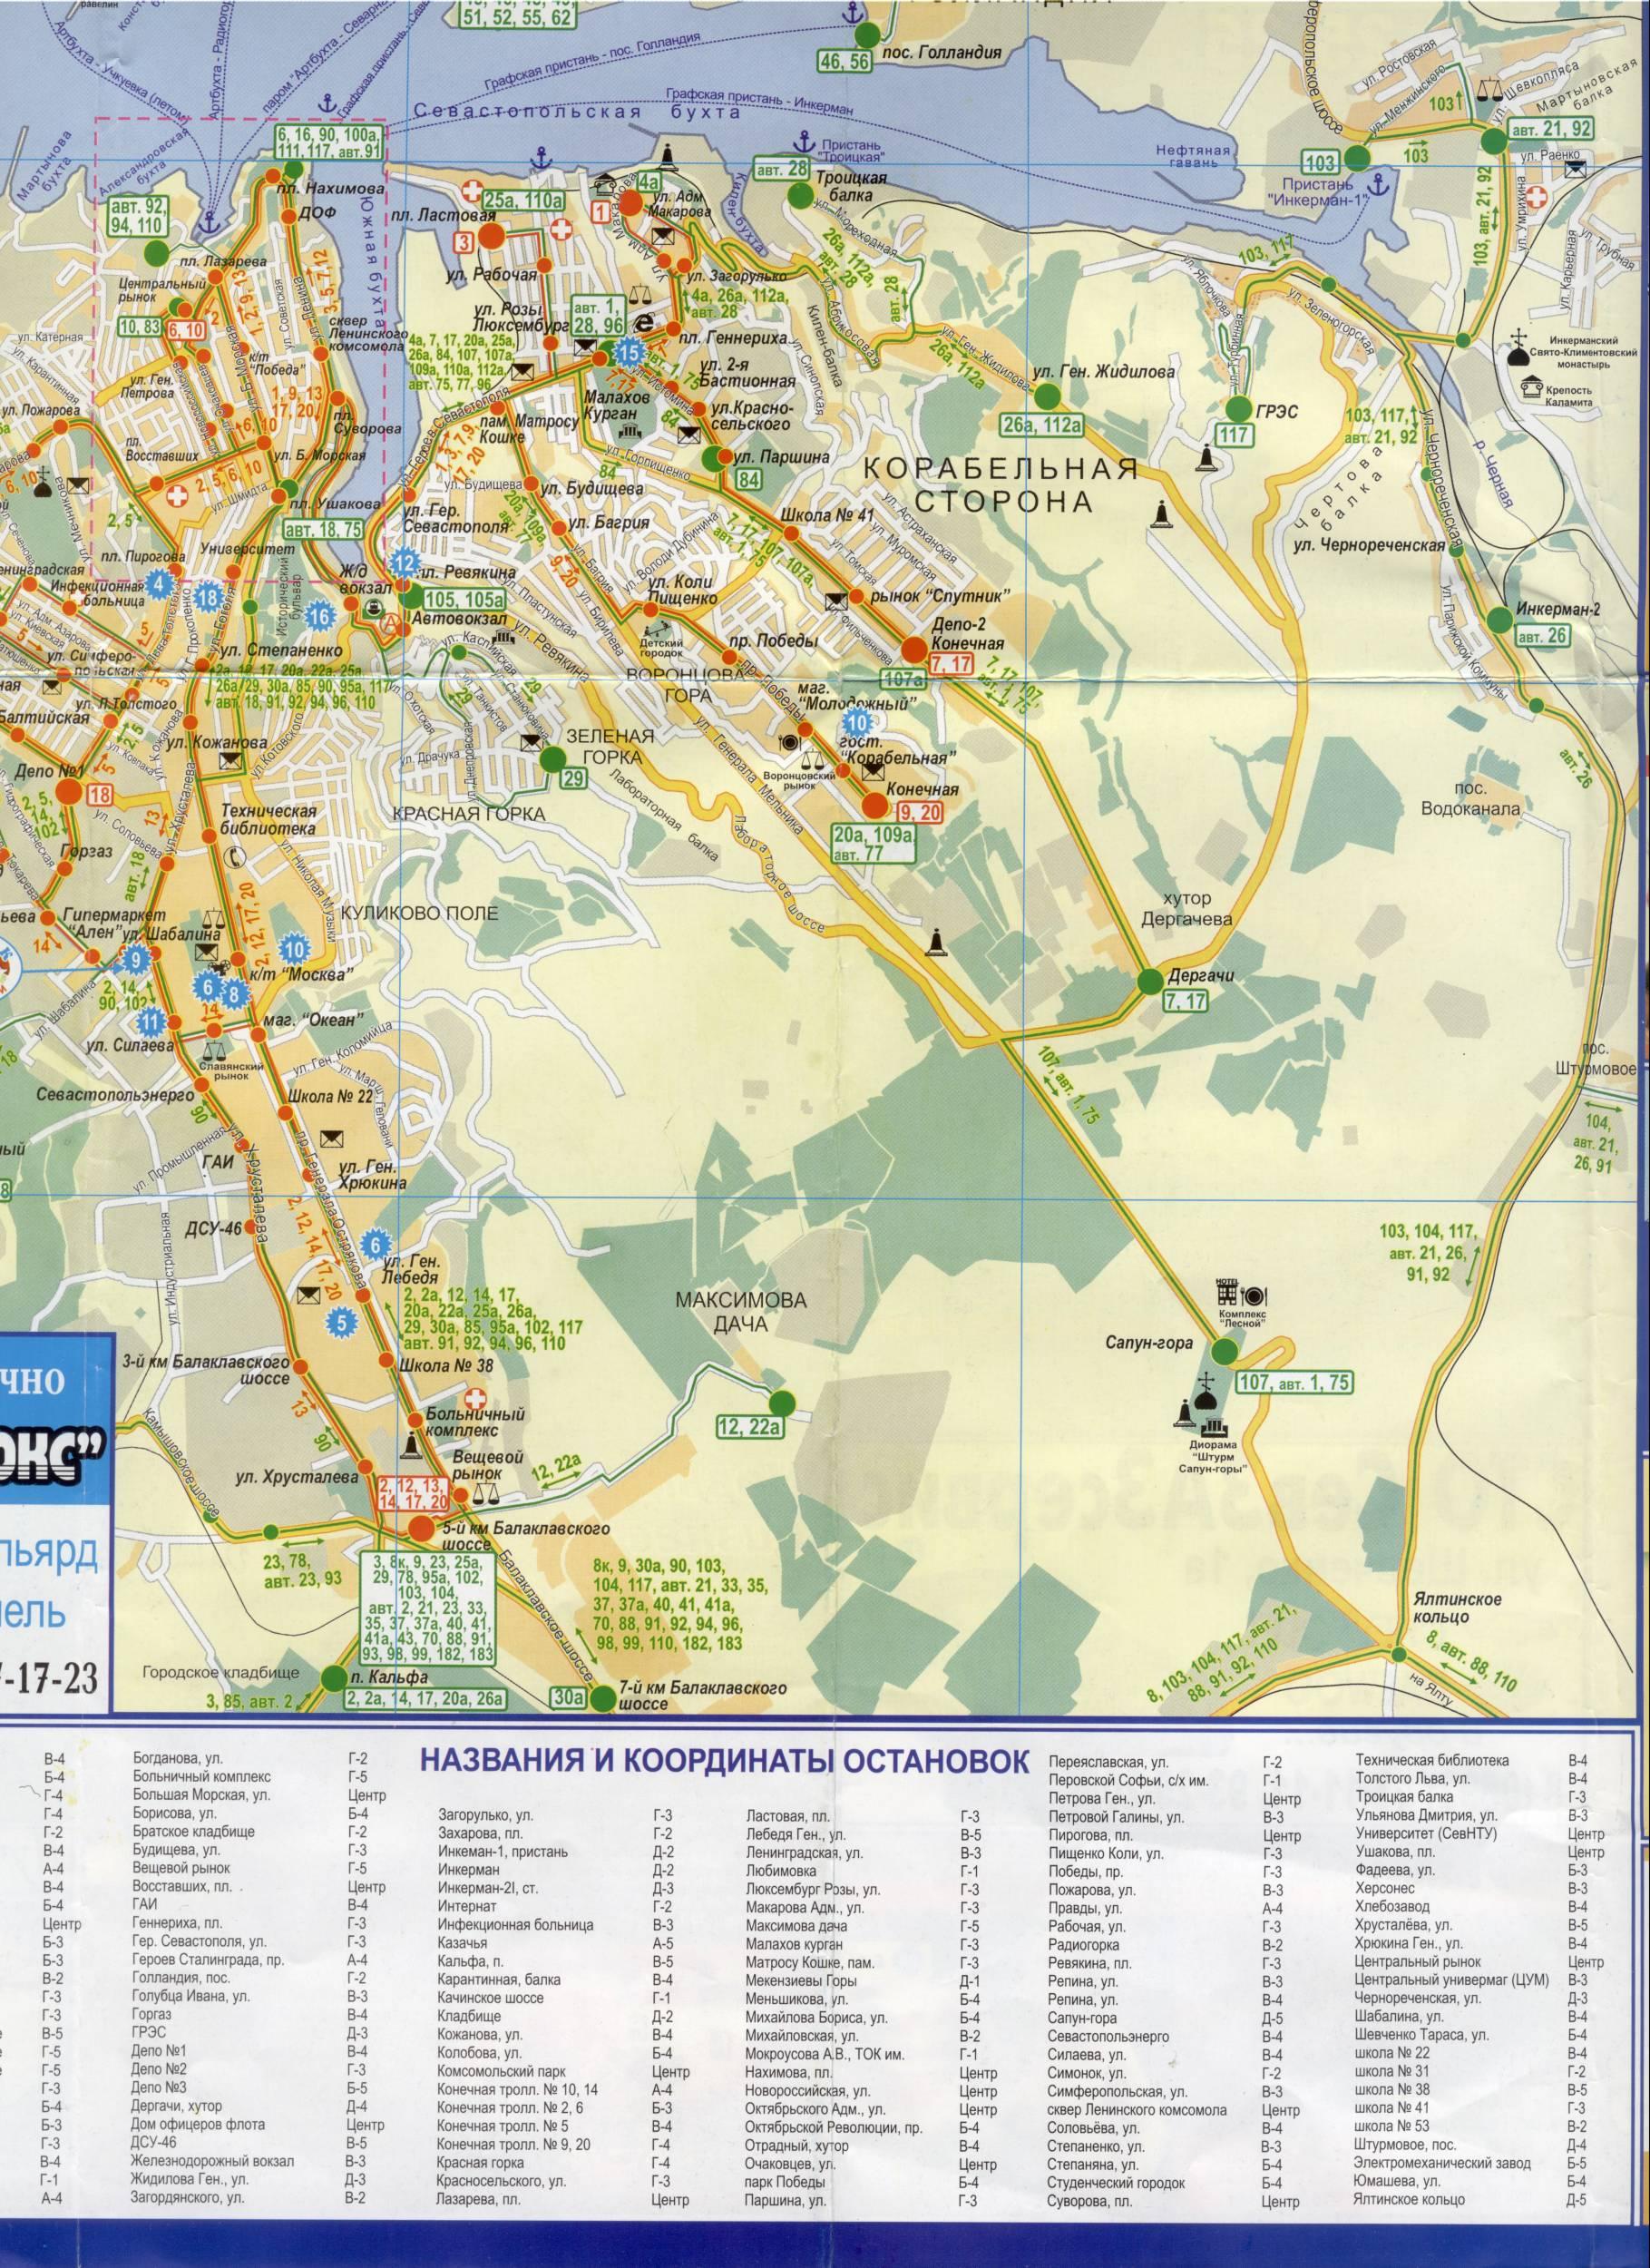 Карта общественного транспорта Севастополя. Карта-схема ...: http://sebastopol.su/map179118_1_1.htm